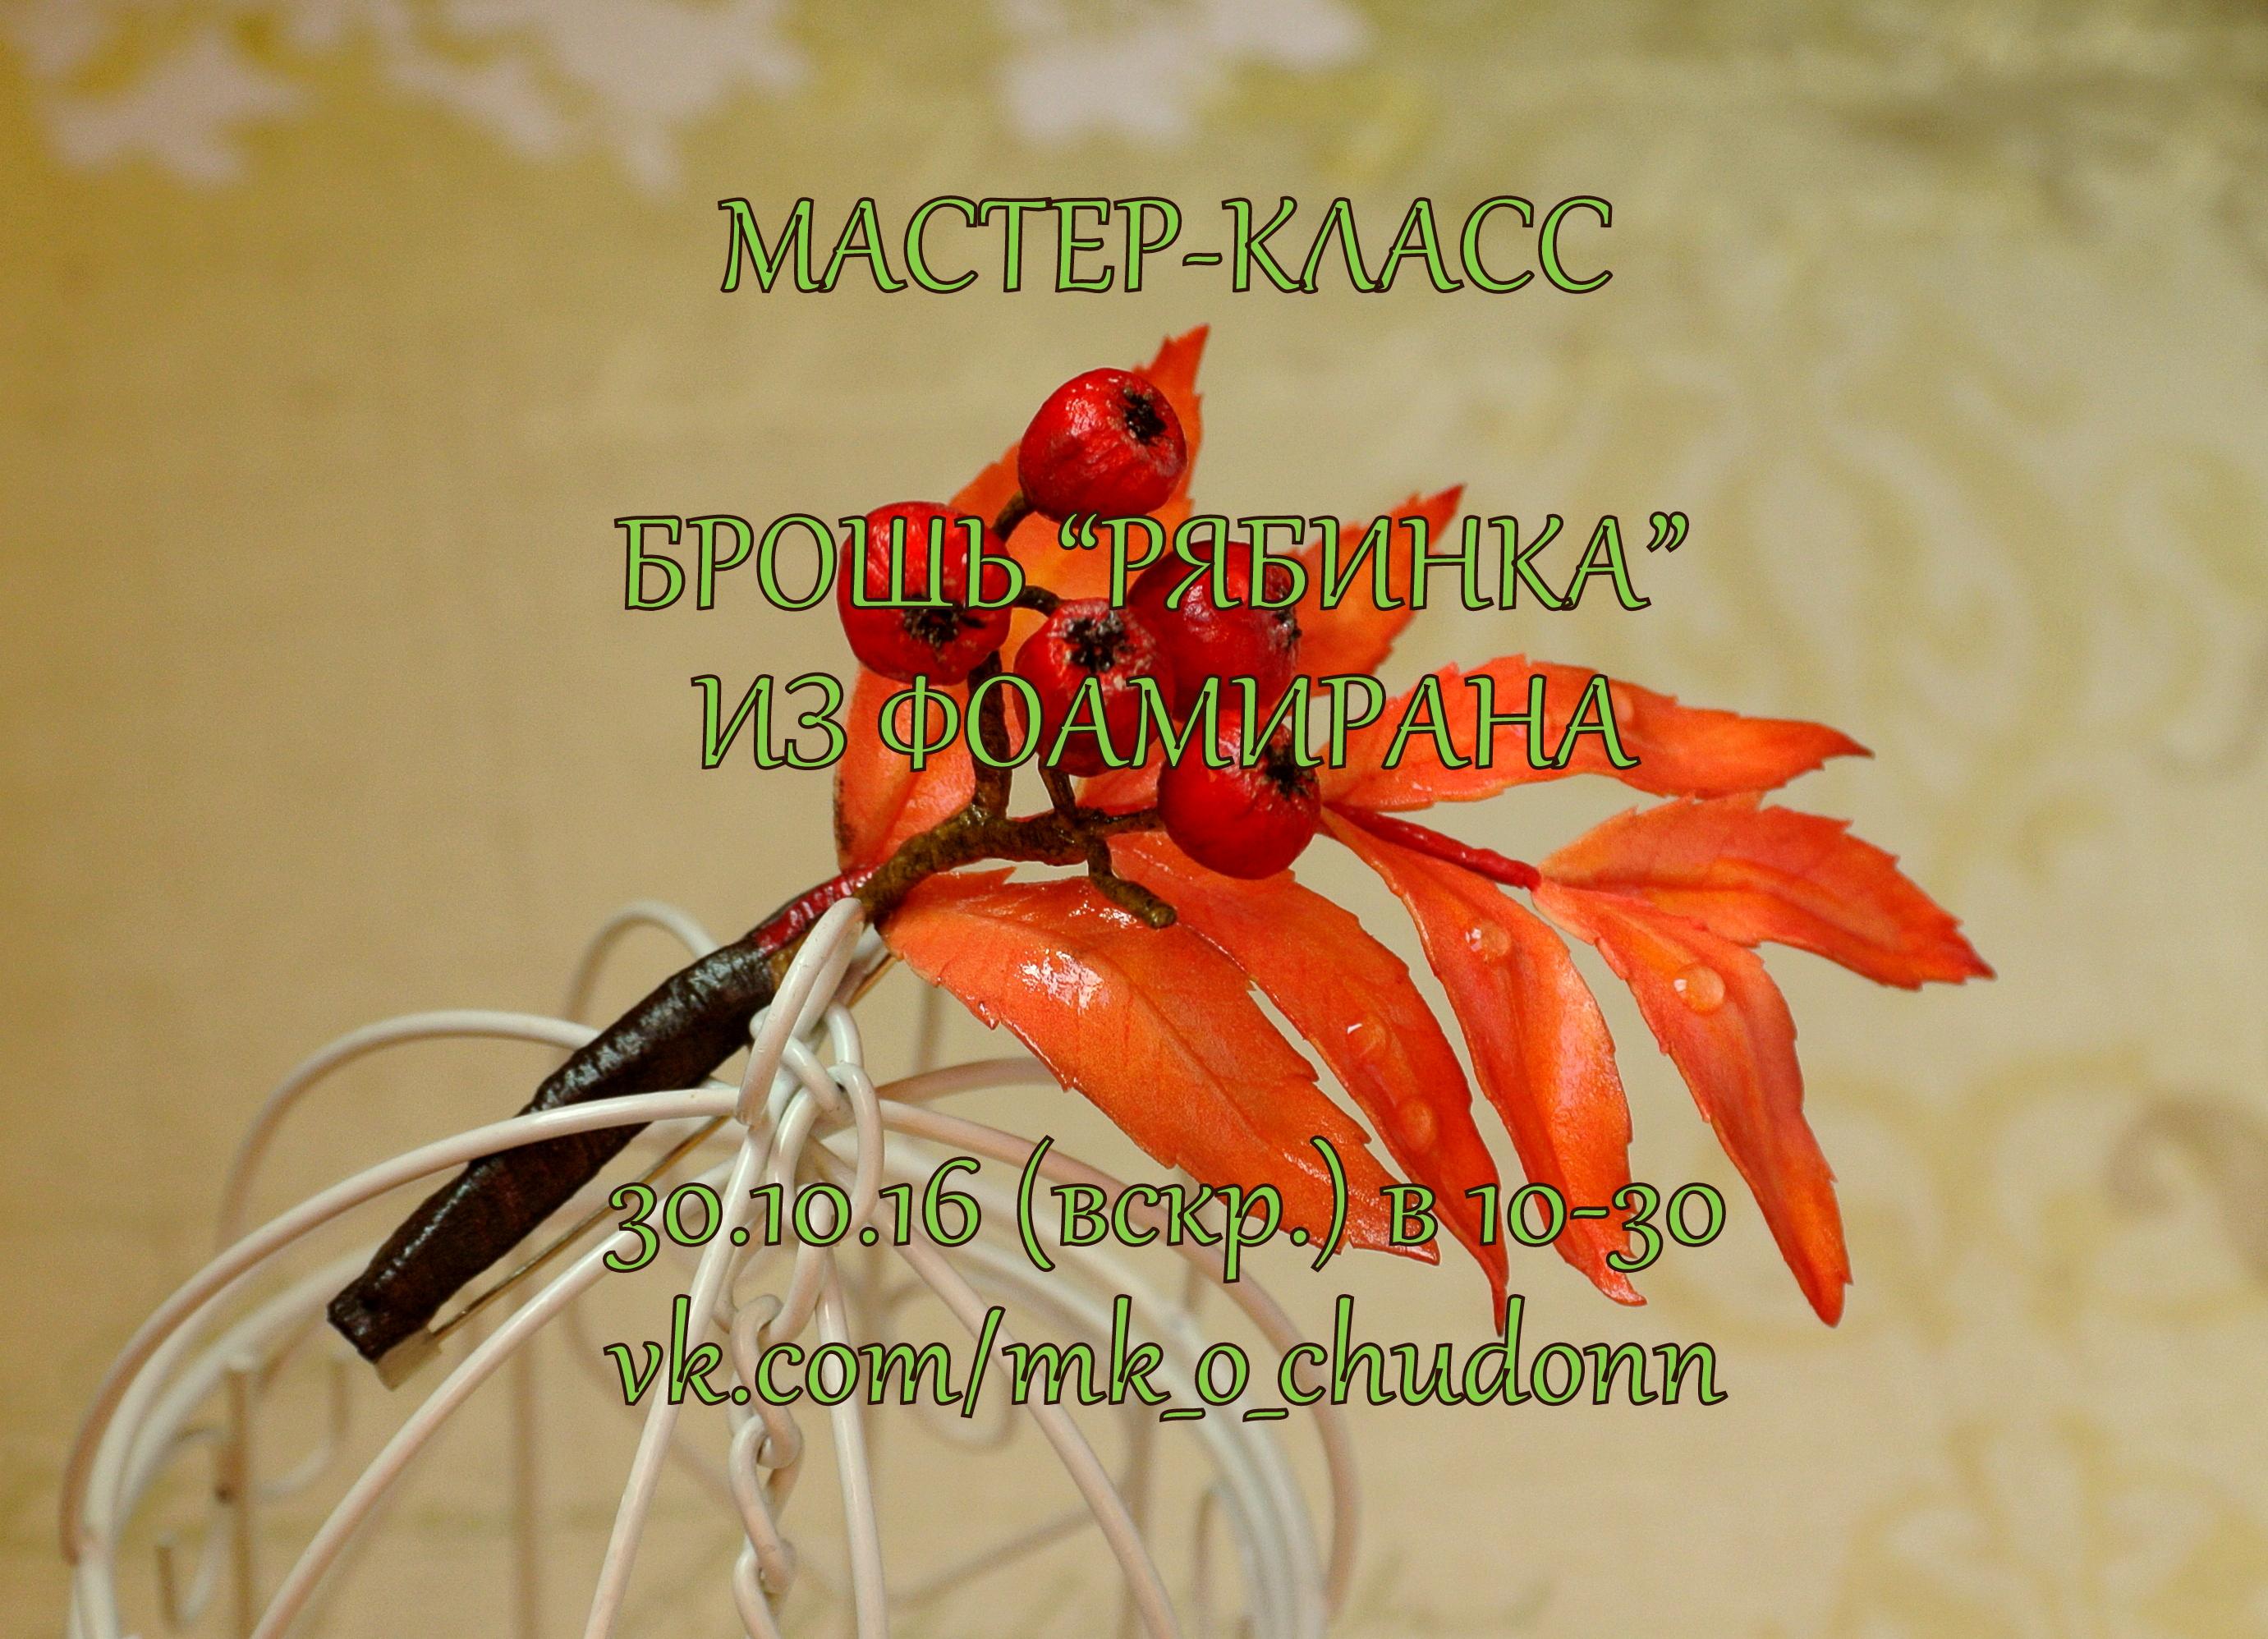 МК Брошь-рябинка из фоамирана 30.10.16 в 10-30!